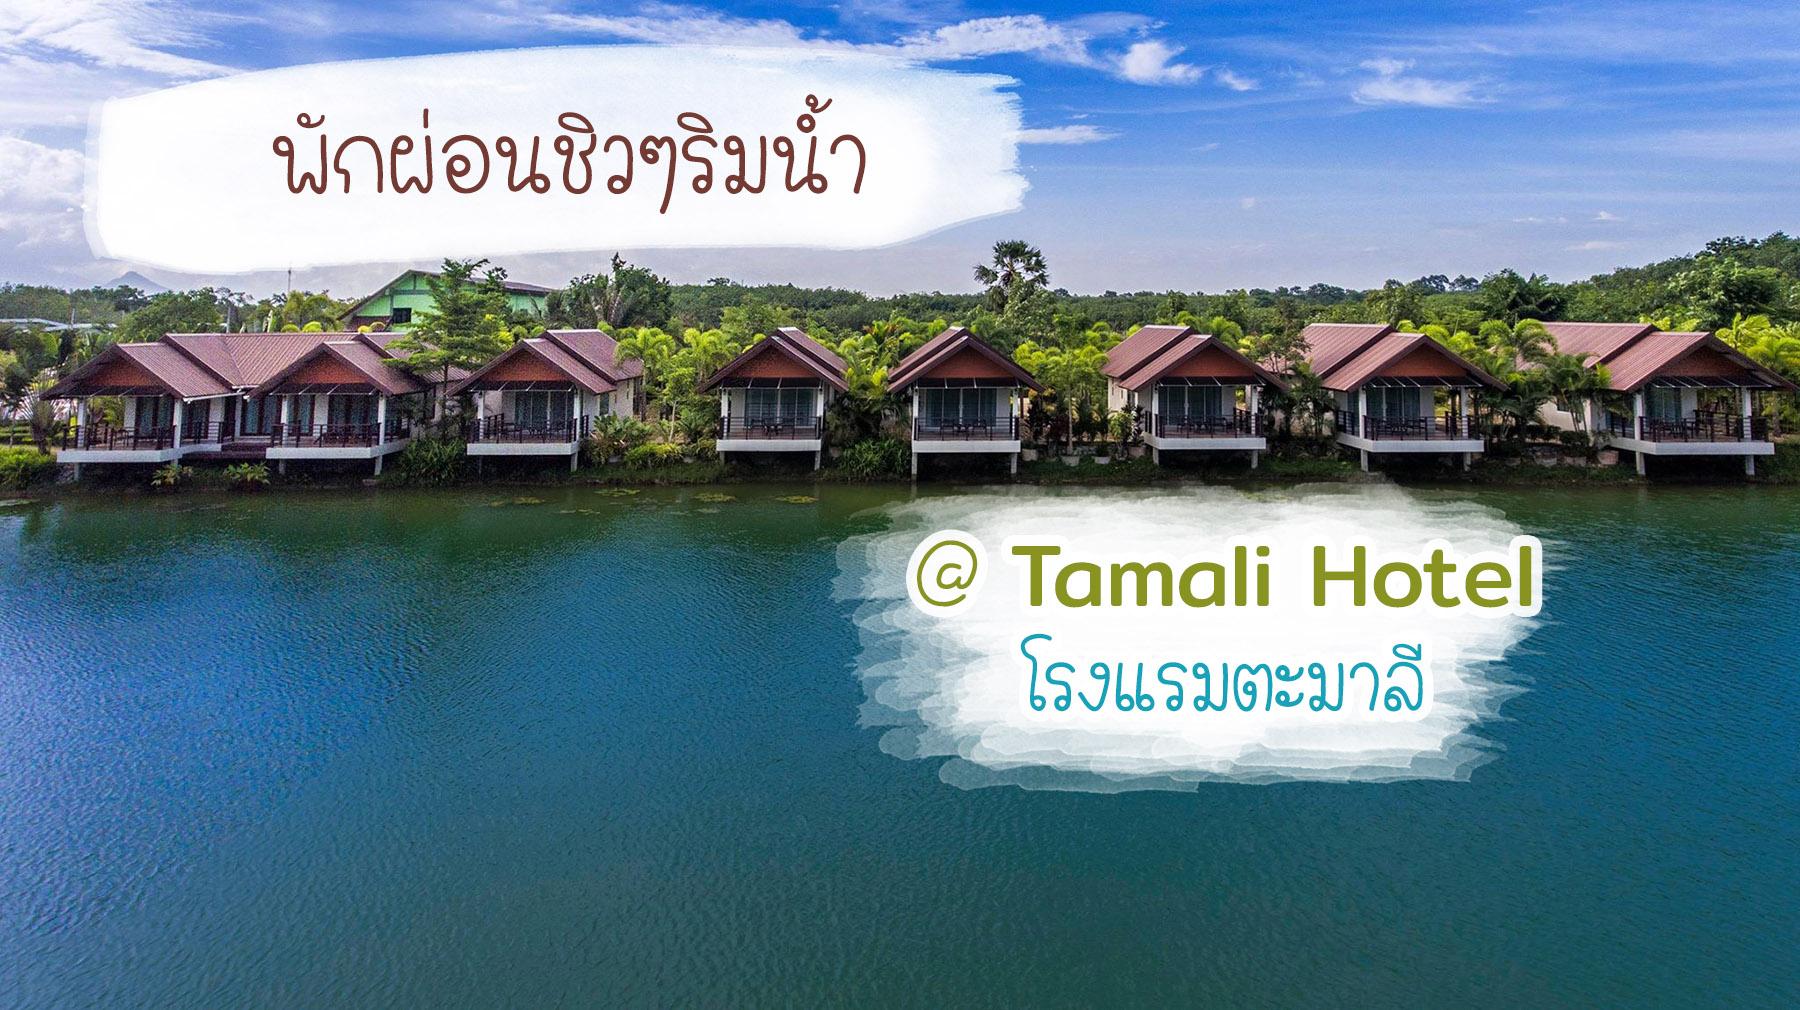 พักผ่อนชิวๆ ริมน้ำ ที่ Tamali Hotel